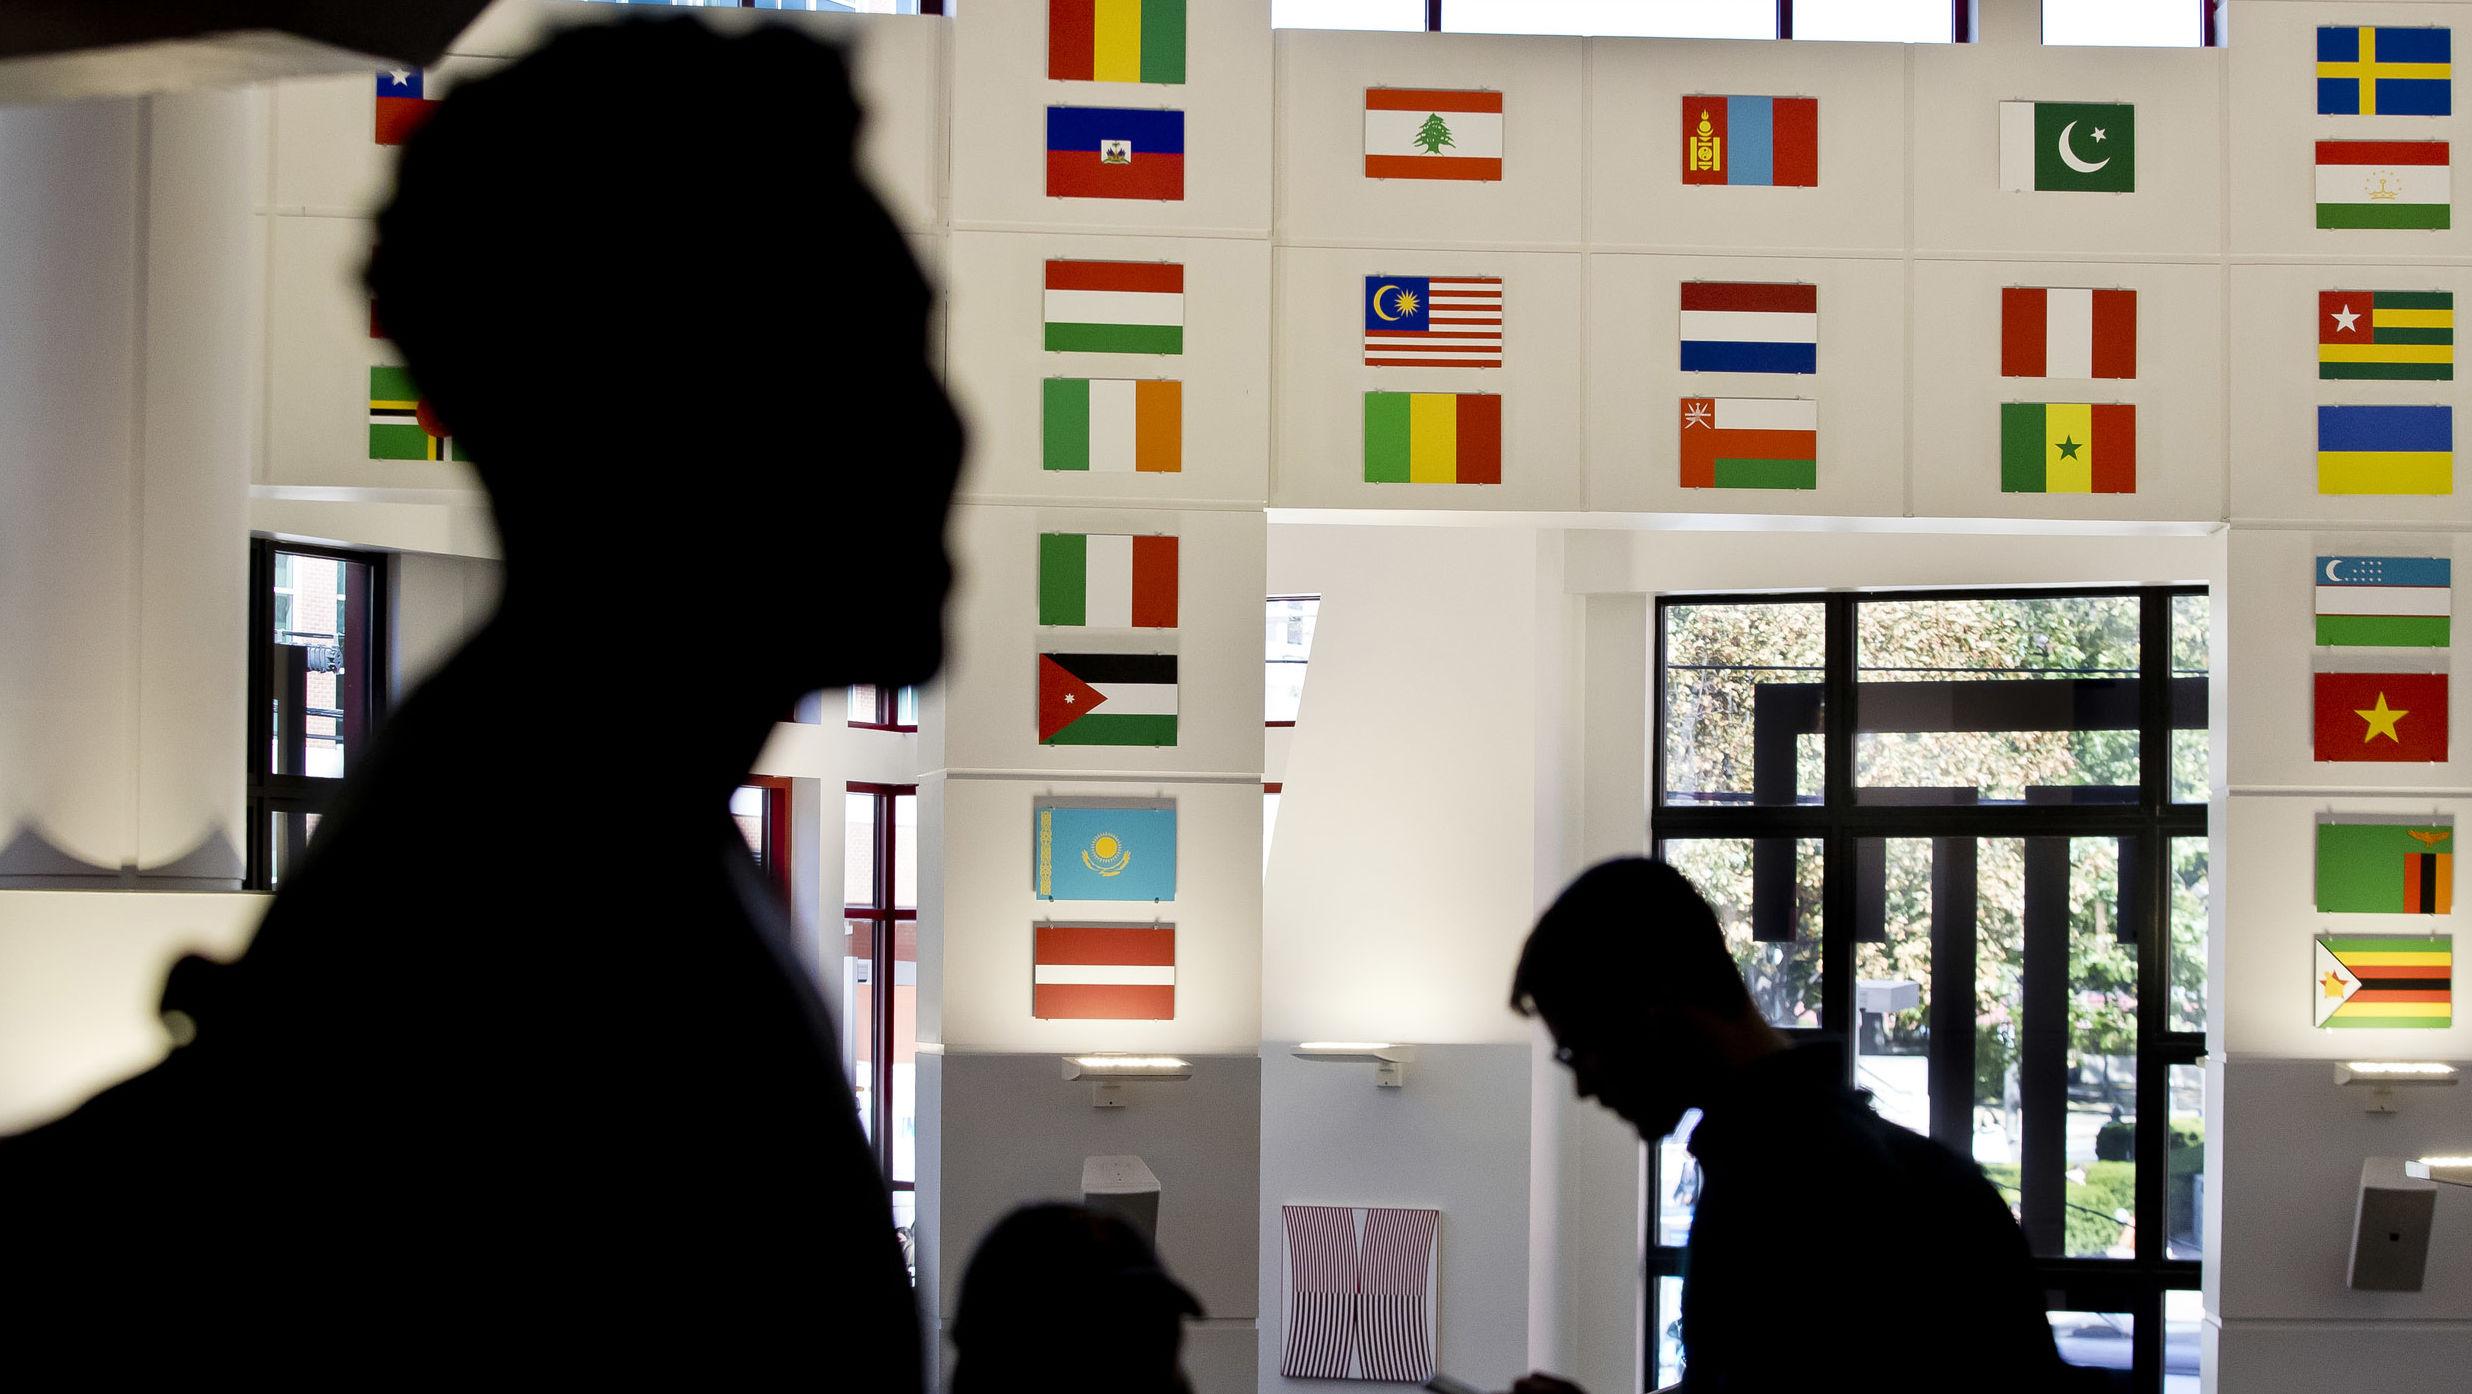 Intenational flags hang in the Howard Gittis Student Center